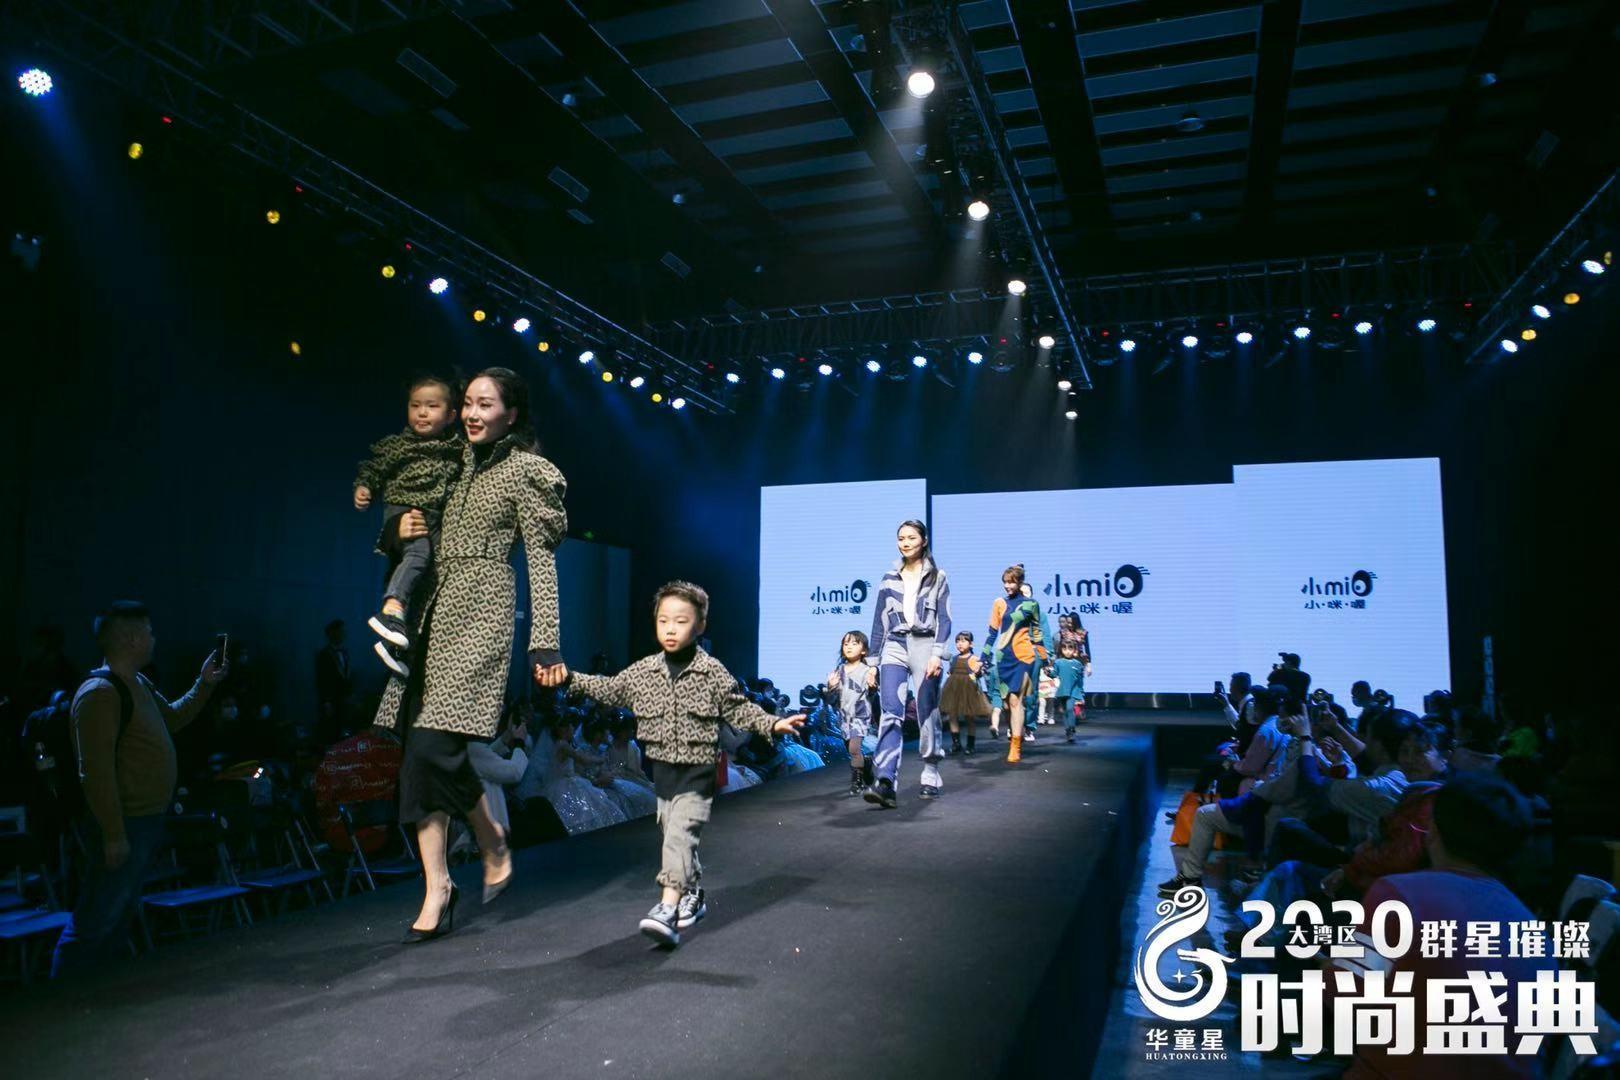 首届大湾区群星璀璨时尚盛典成功举行